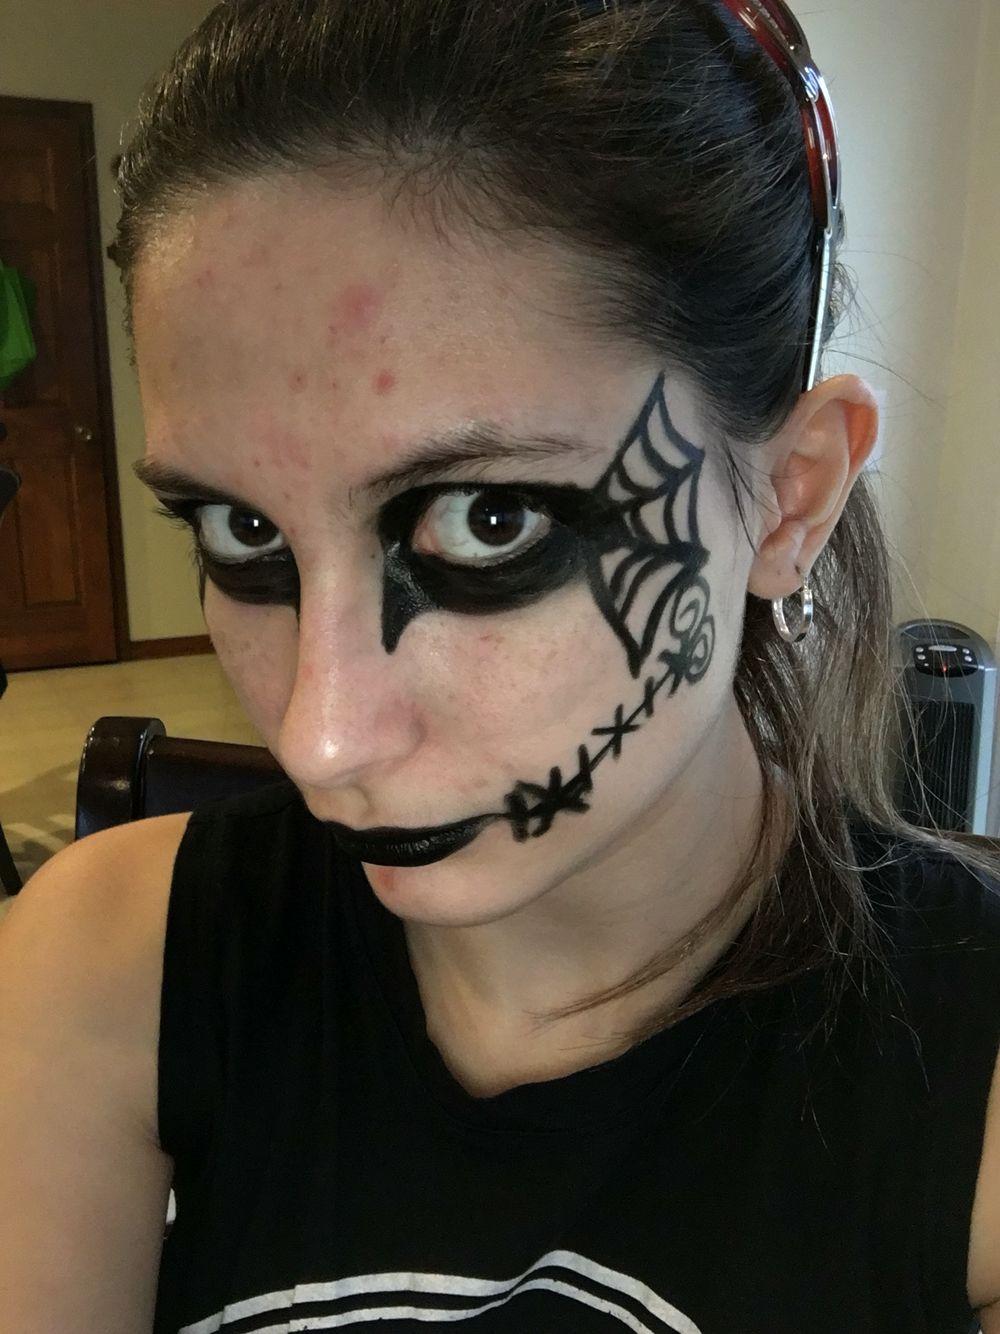 Jack Skellington inspired Makeup I did myself 😋 Face